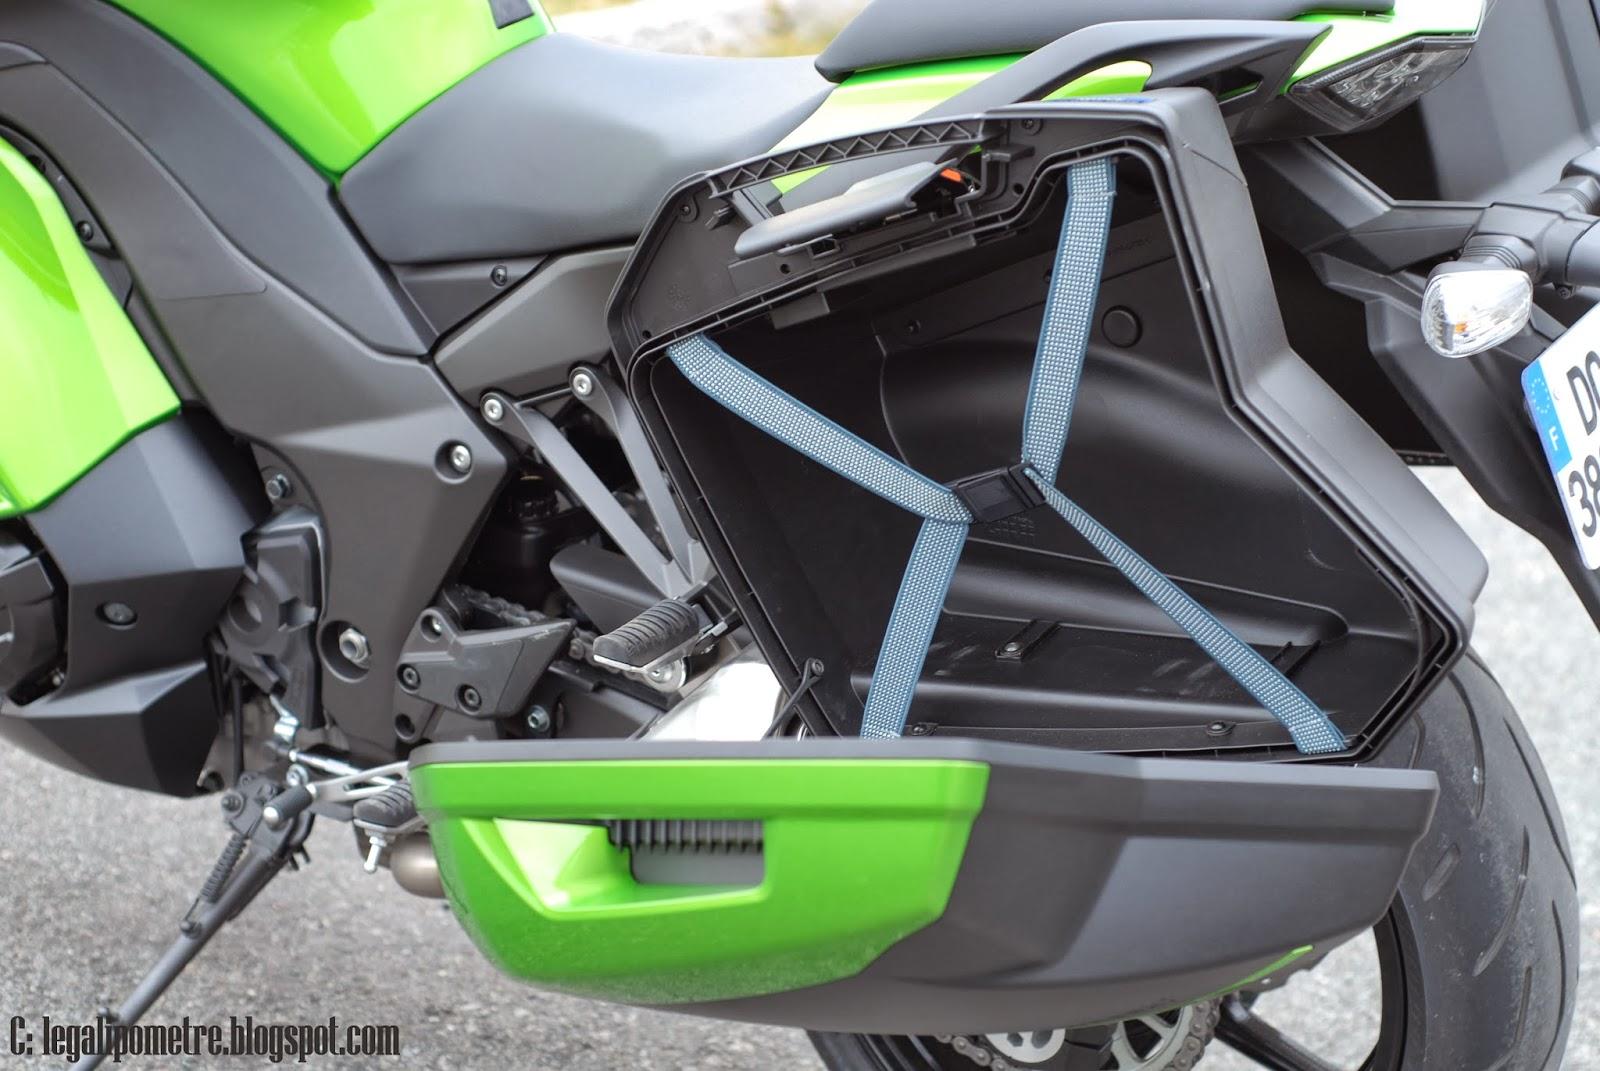 Le Galipometre Bike Test Kawasaki Z 1000 Sx 2014 Tourer